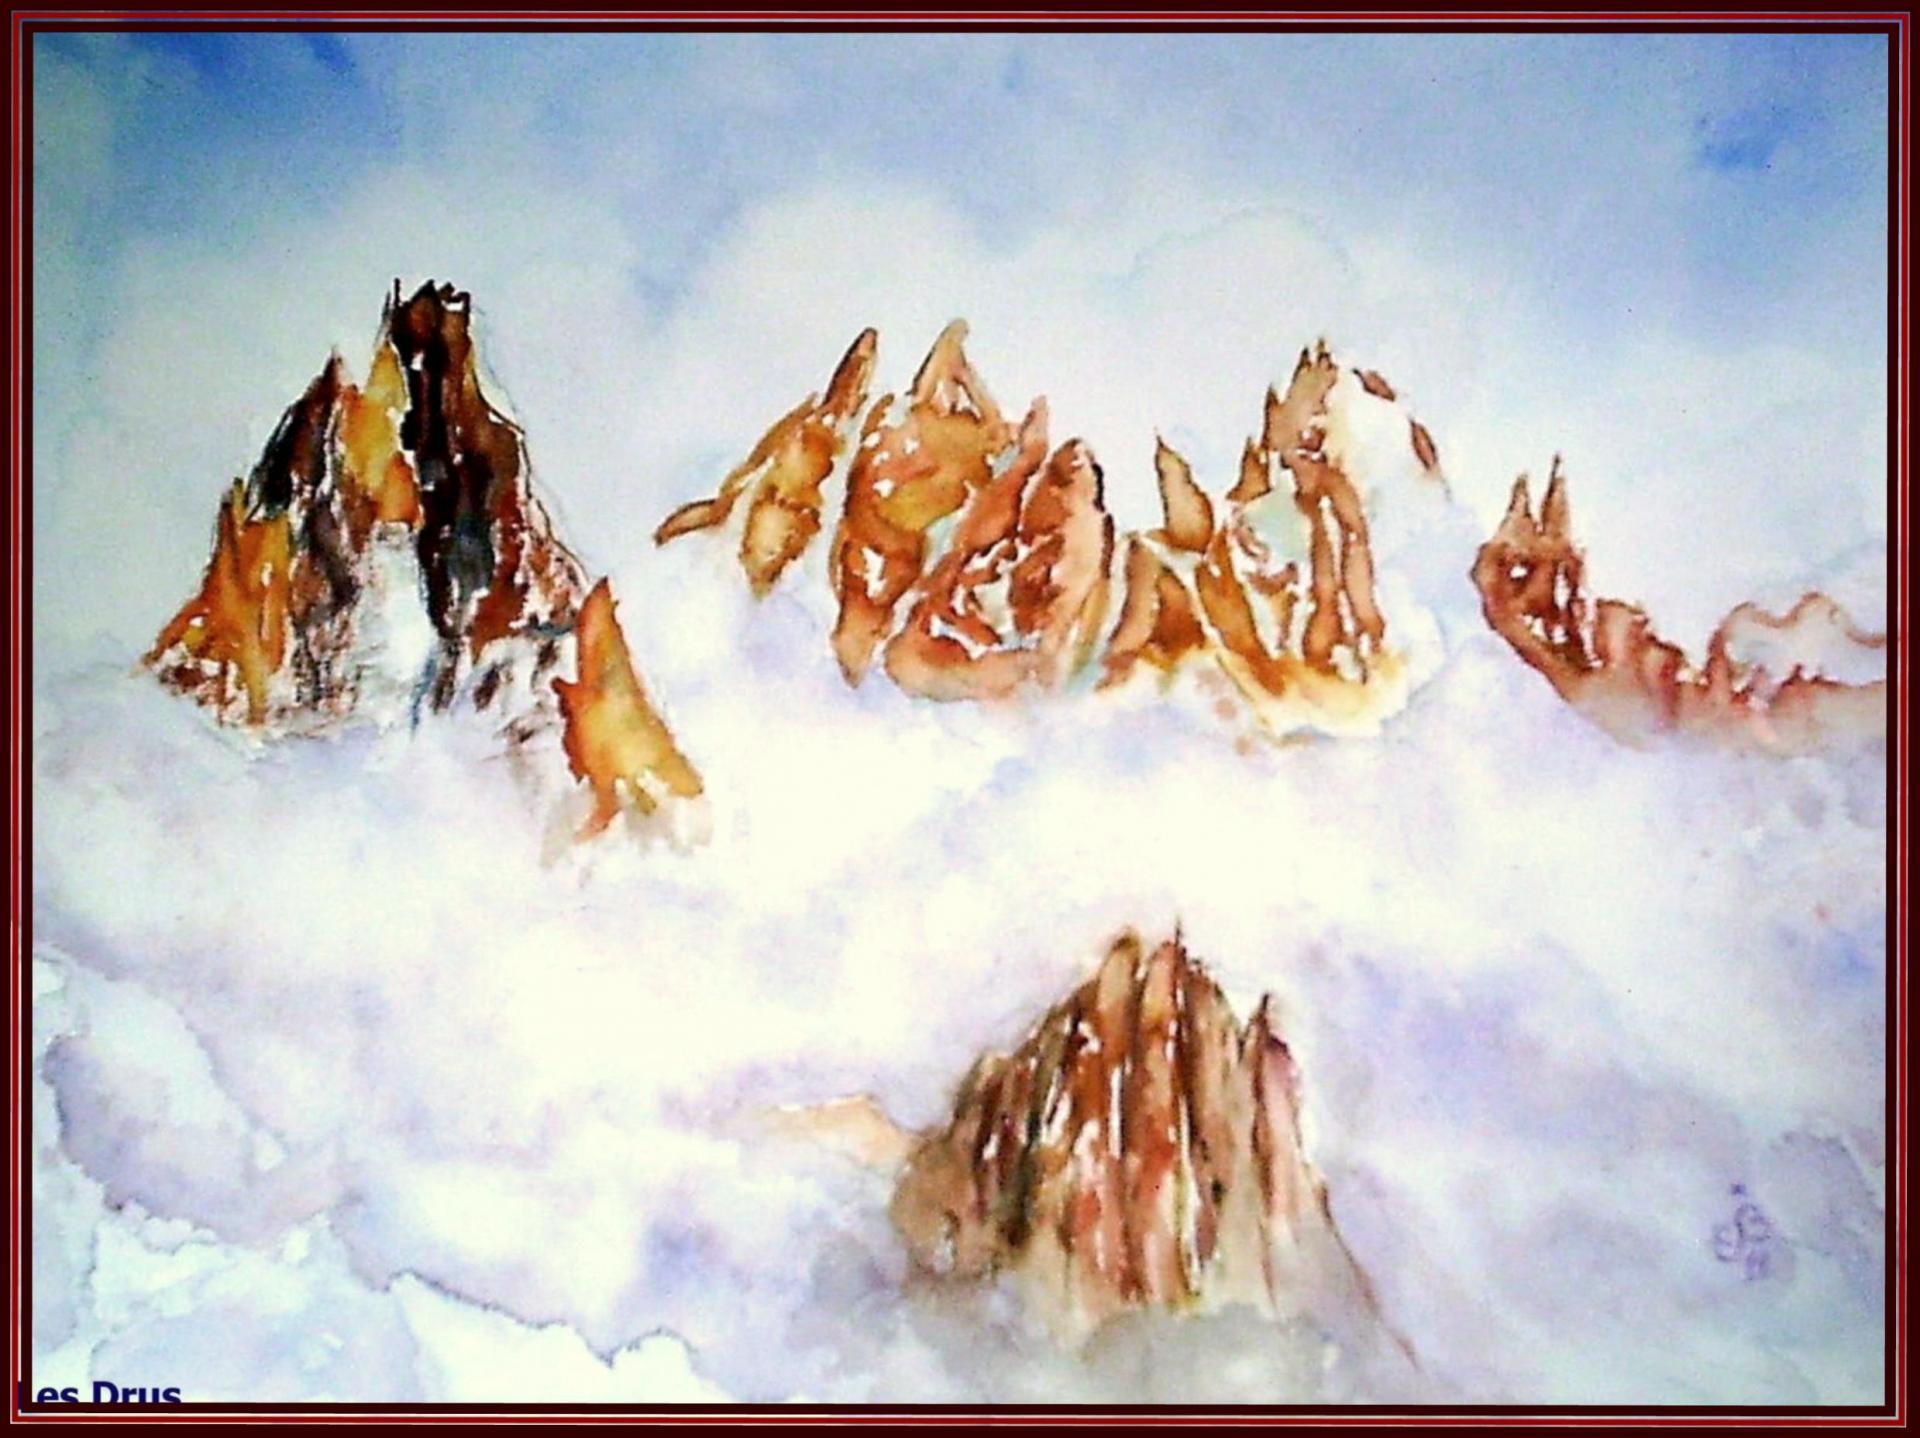 Alpes les Drus